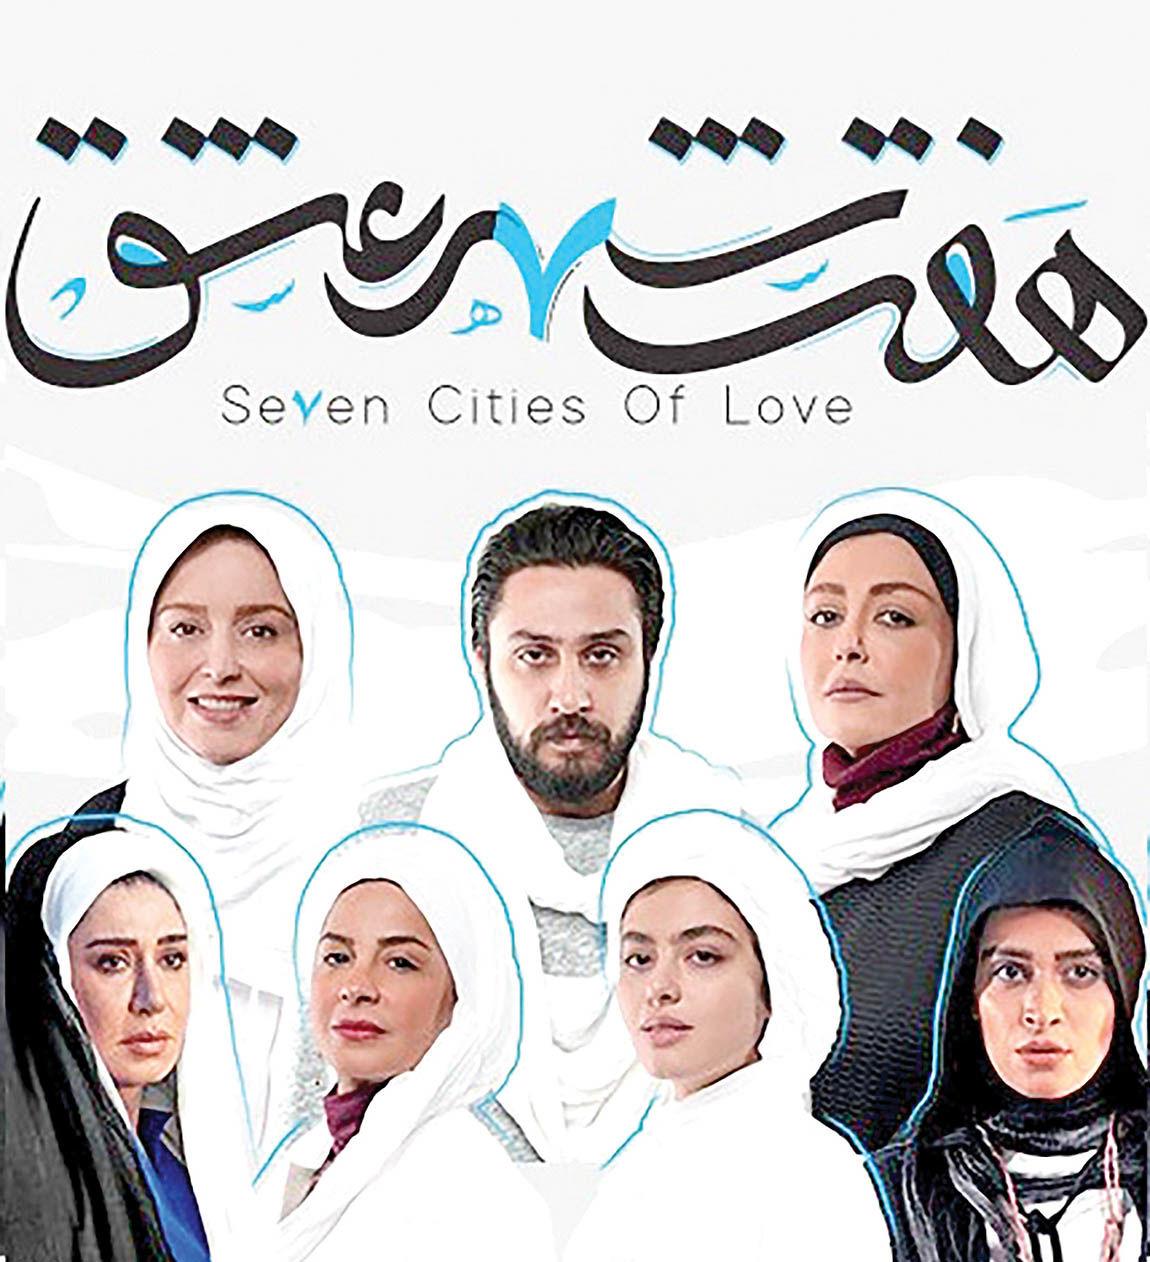 محمد معتمدی به «هفت شهر عشق» پیوست